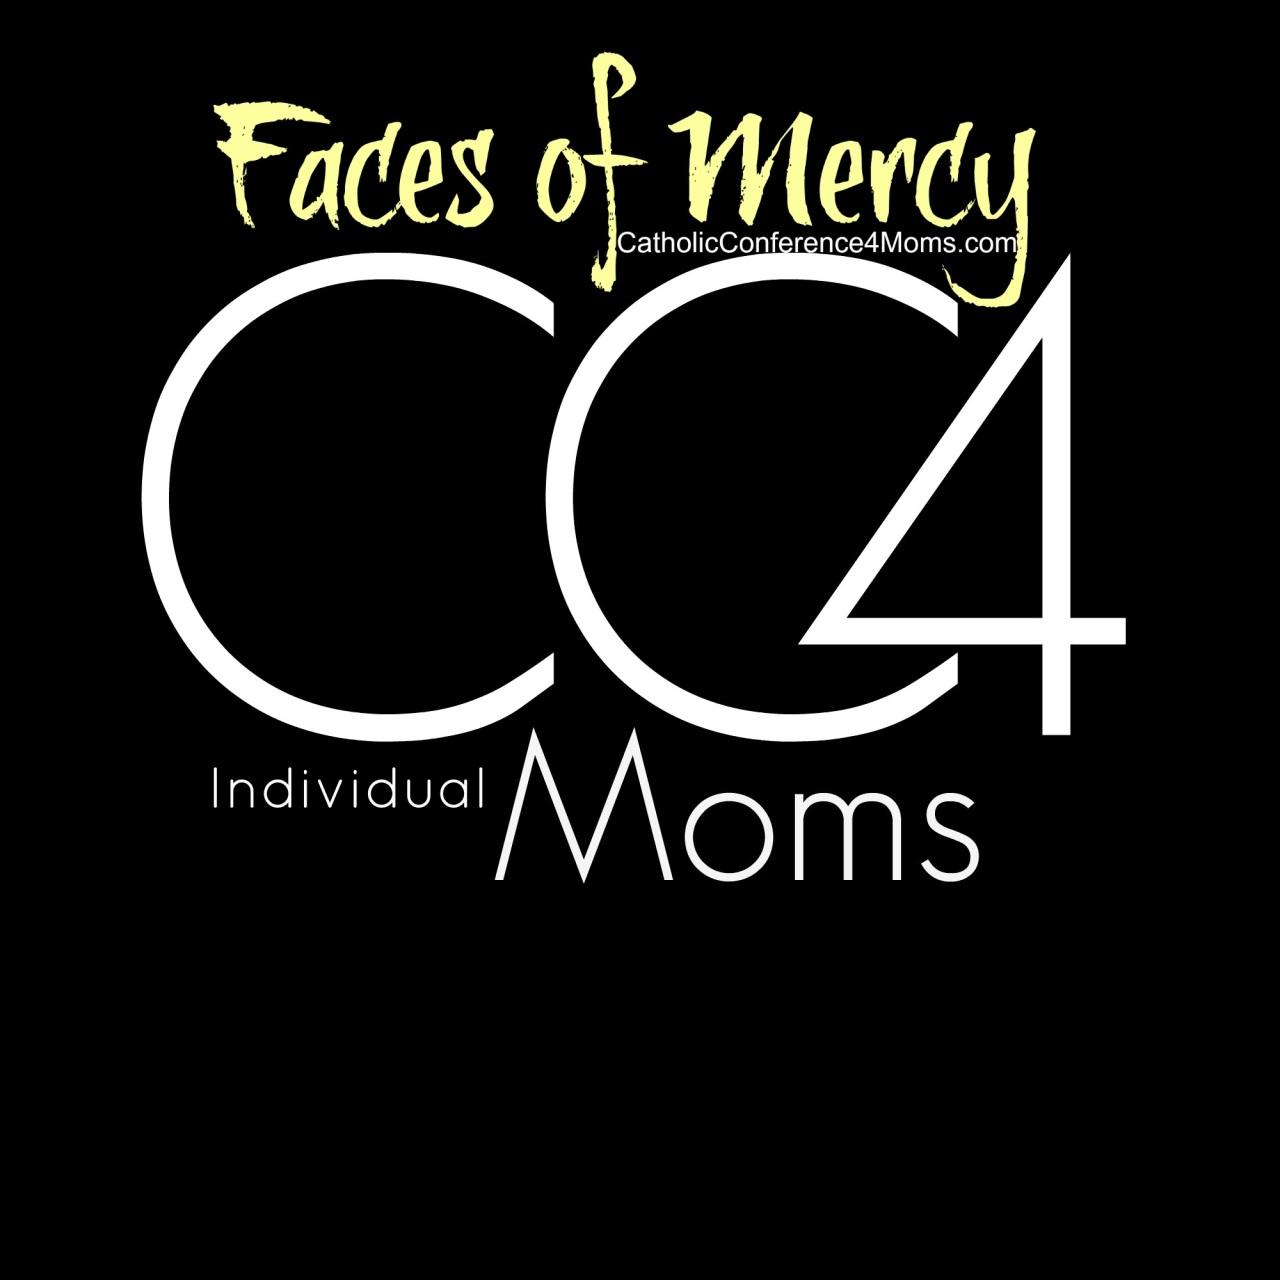 cc4moms